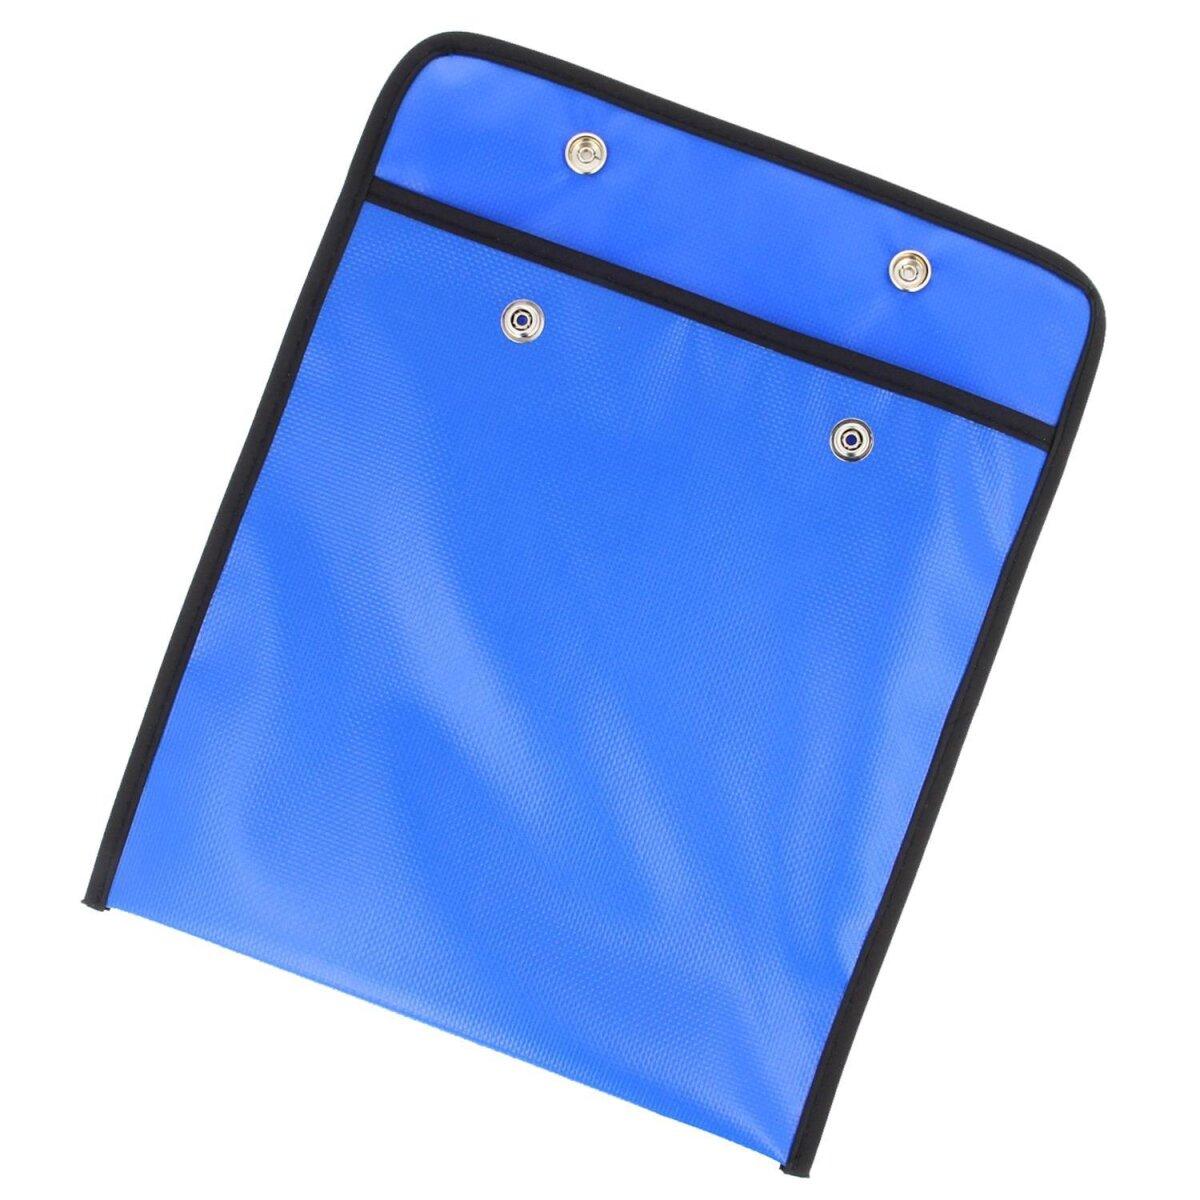 Minadax Tasche für Antistatik-Matten Servicetasche in blau 25cm x 25cm für extra Schutz sowie Mobilität